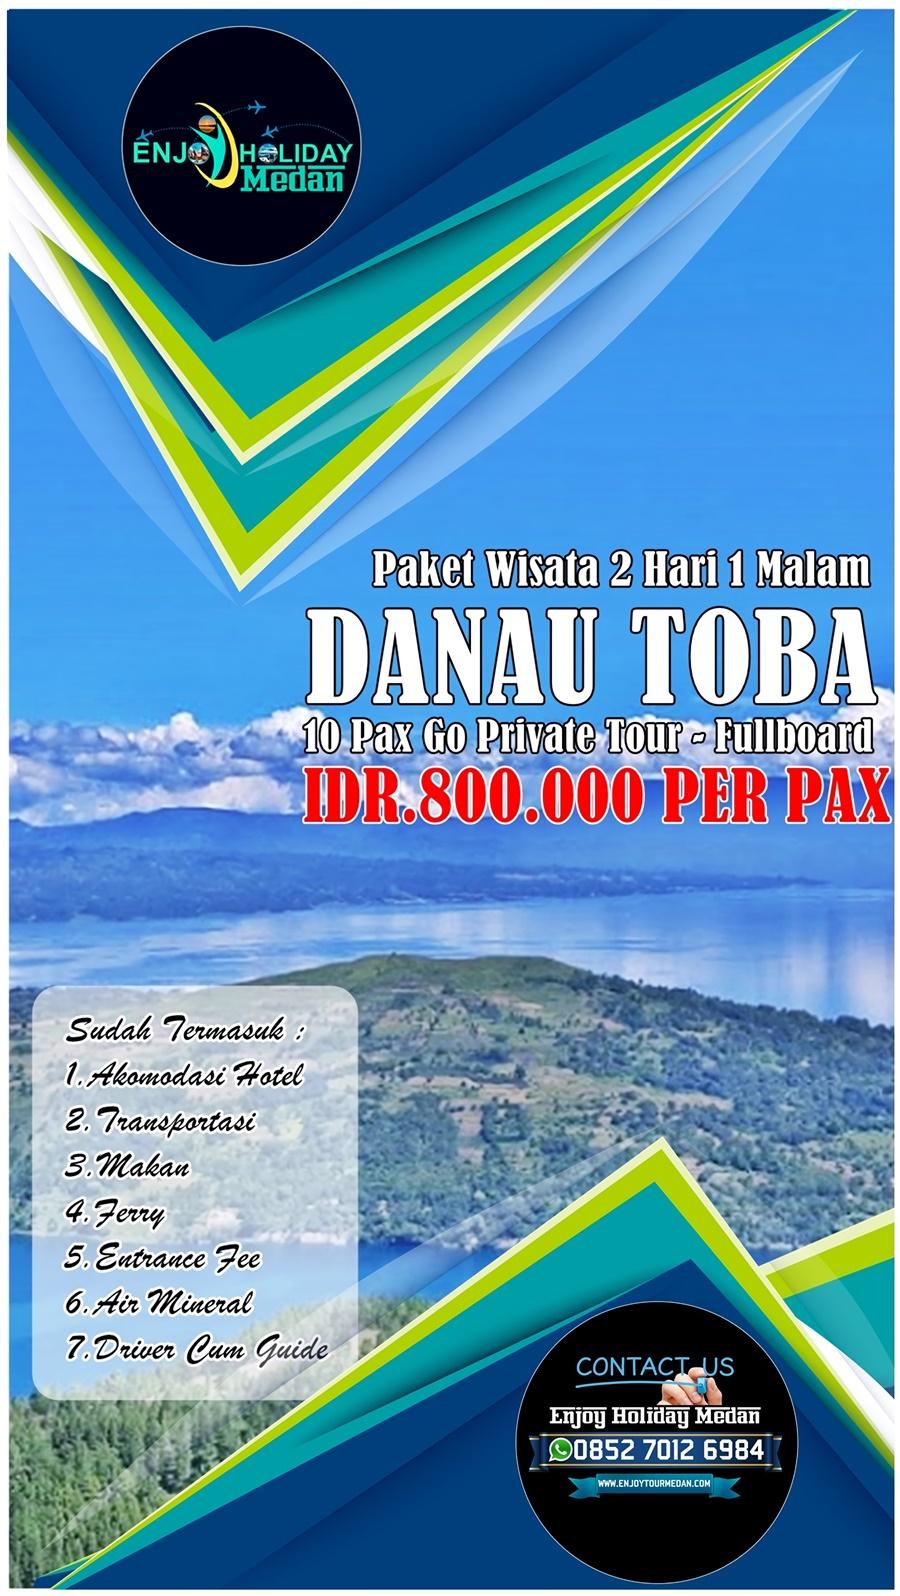 Pakej Percutian Danau Toba